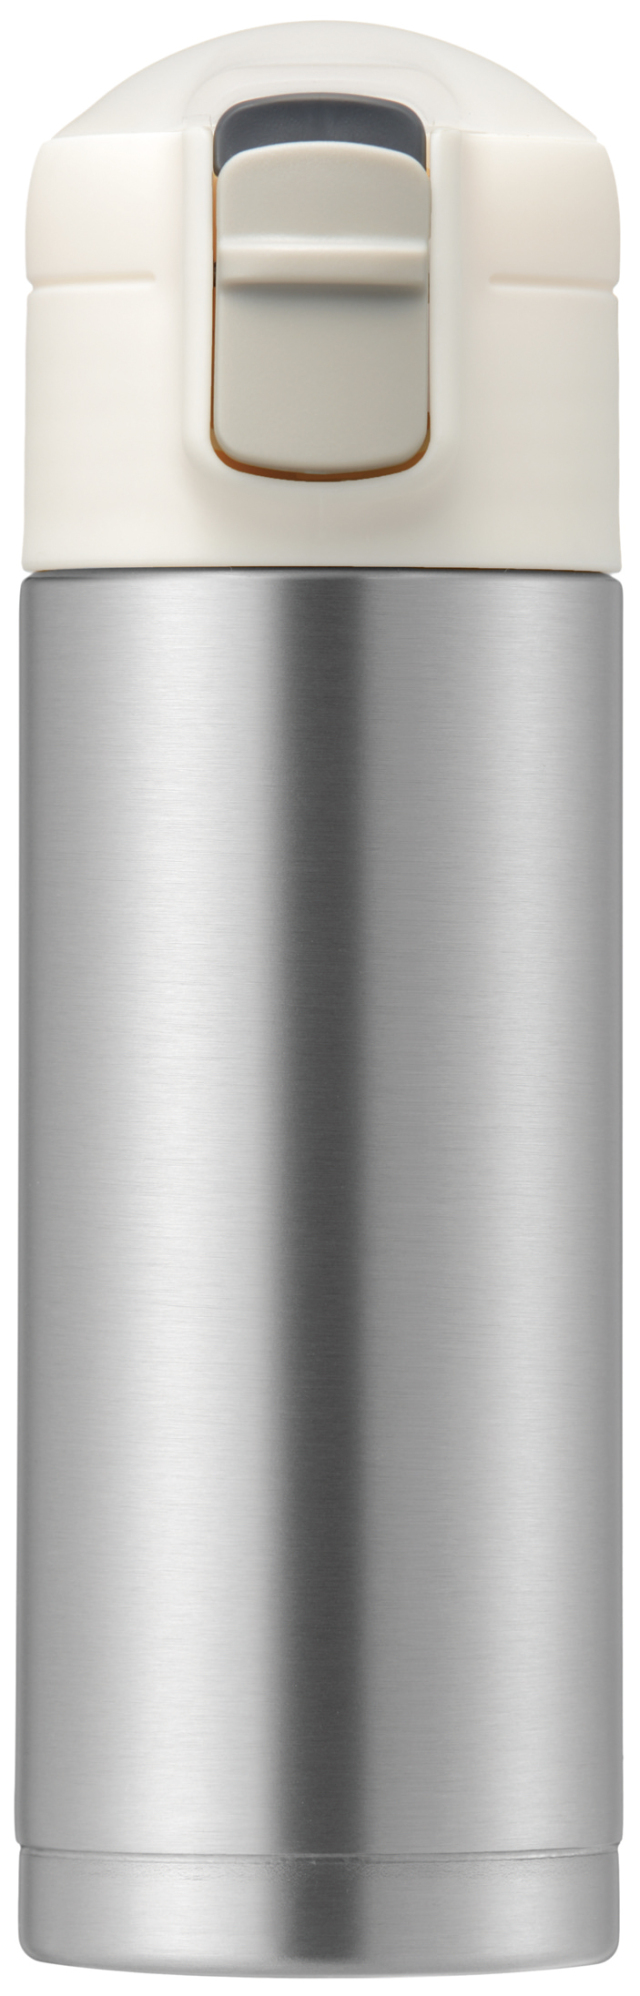 ピルケース付プチボトル150ml(シルバー)